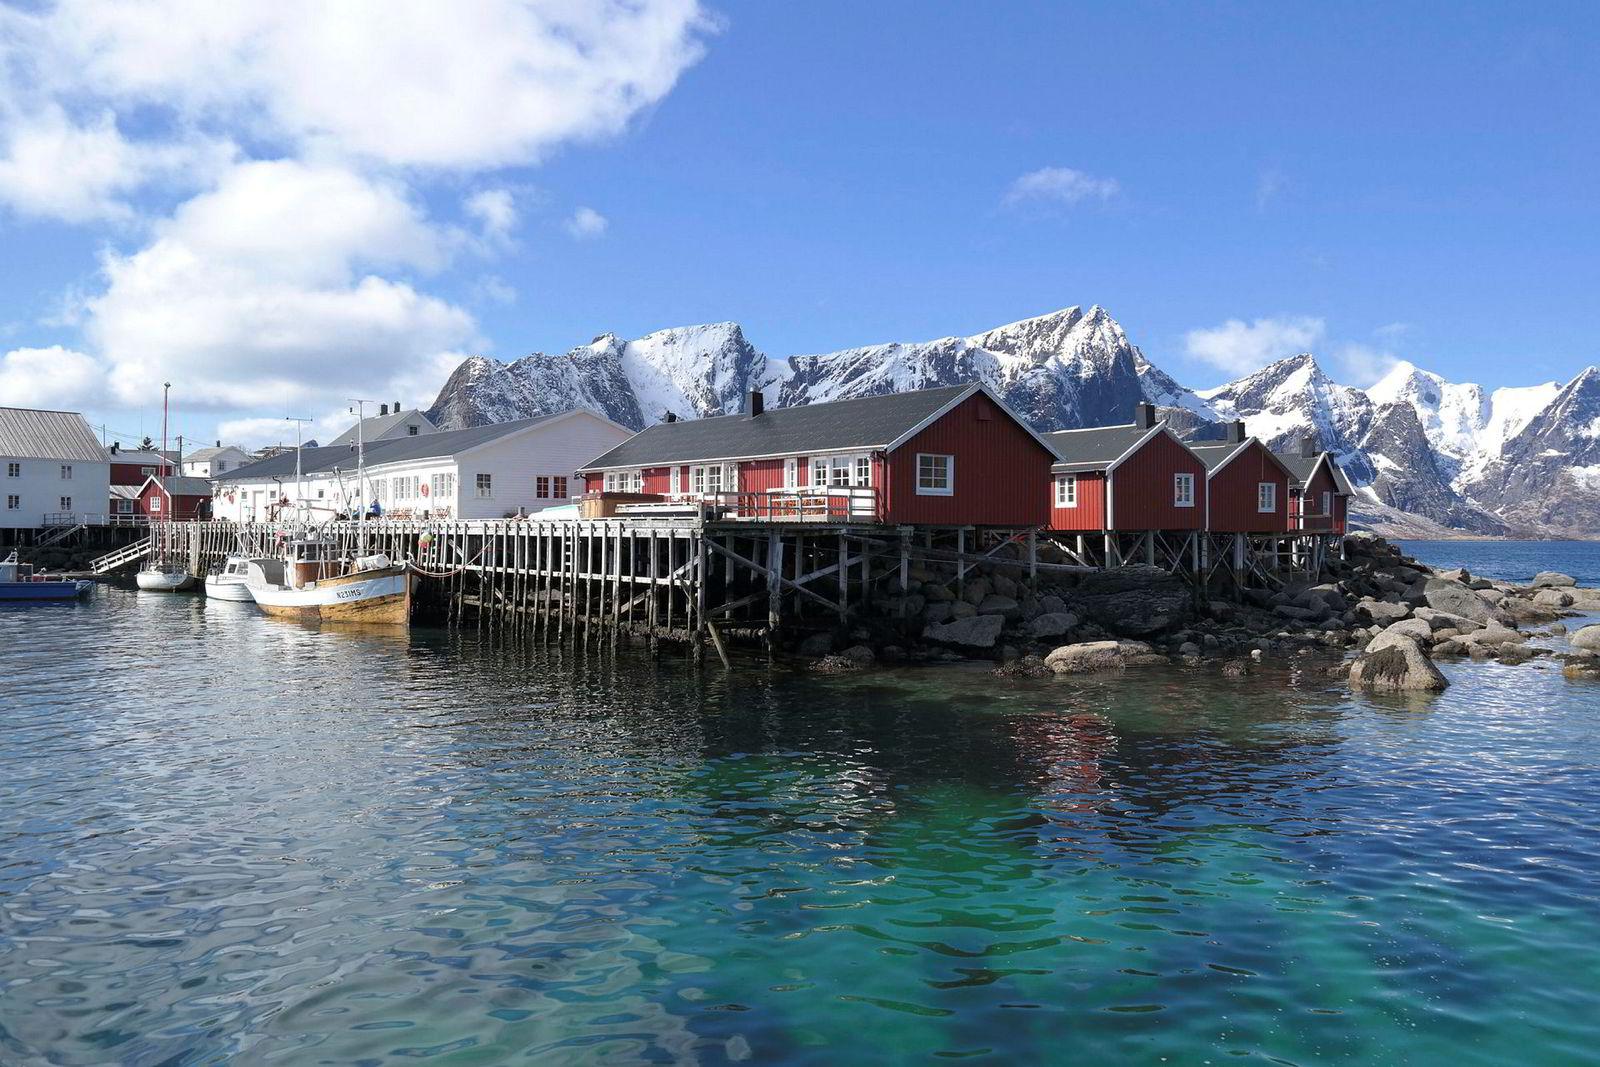 Rorbuanlegget Eliassen Rorbuer ved Reine sør i Lofoten.